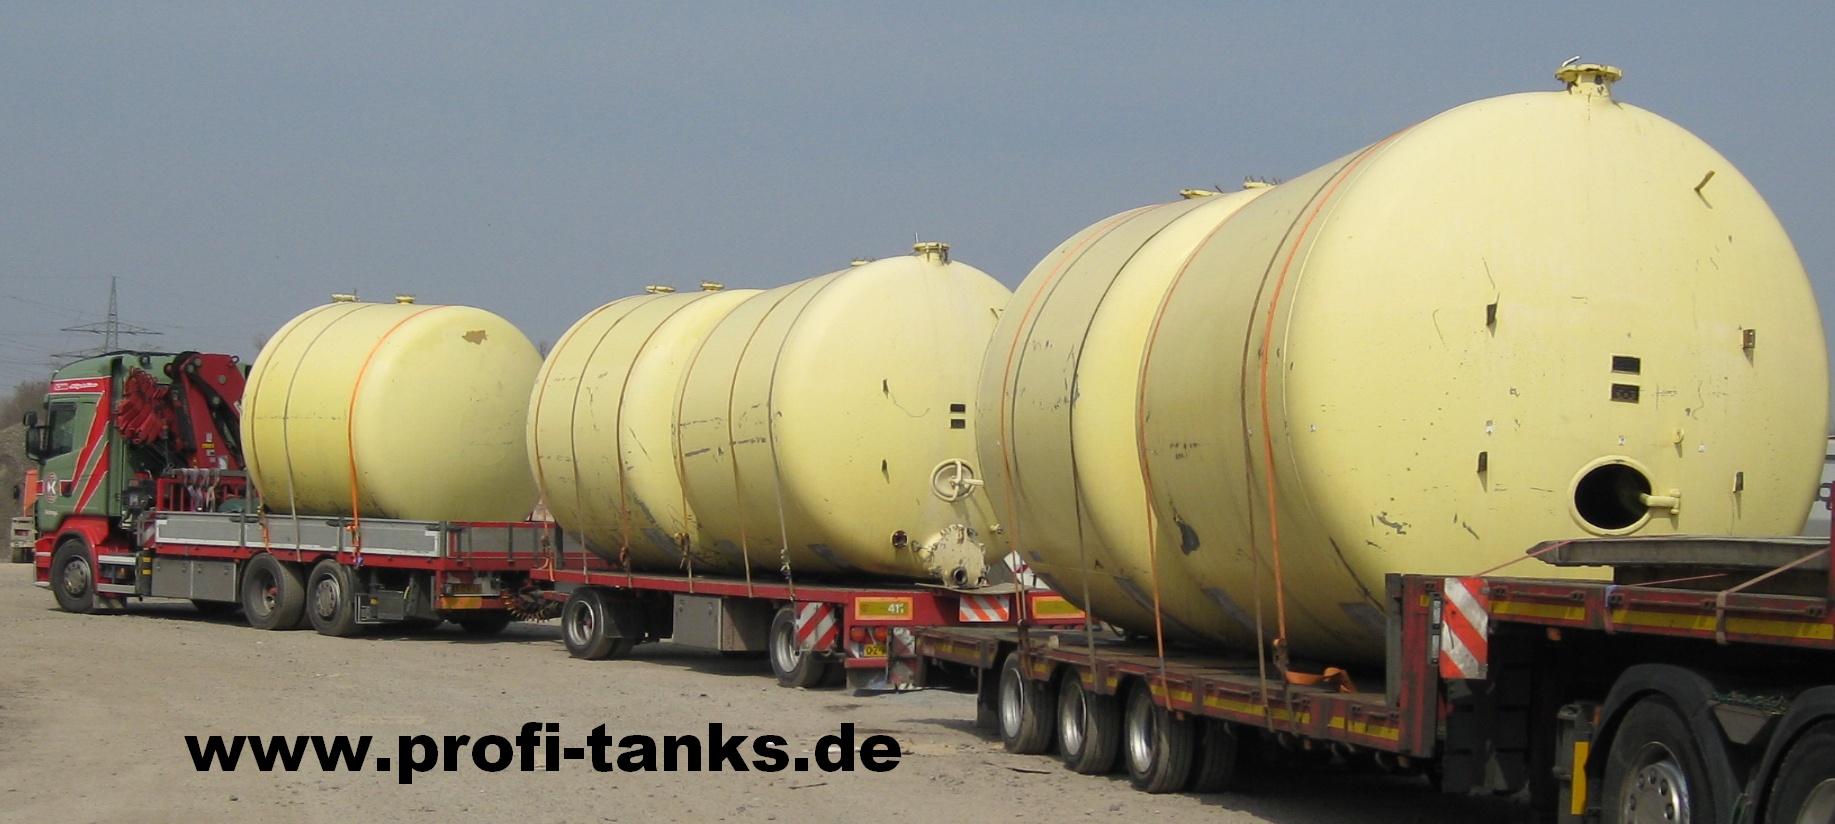 Profi-Tanks-gebrauchte-und-neu-Tanks-LKW-Stahltanks-beschichtet-20000liter